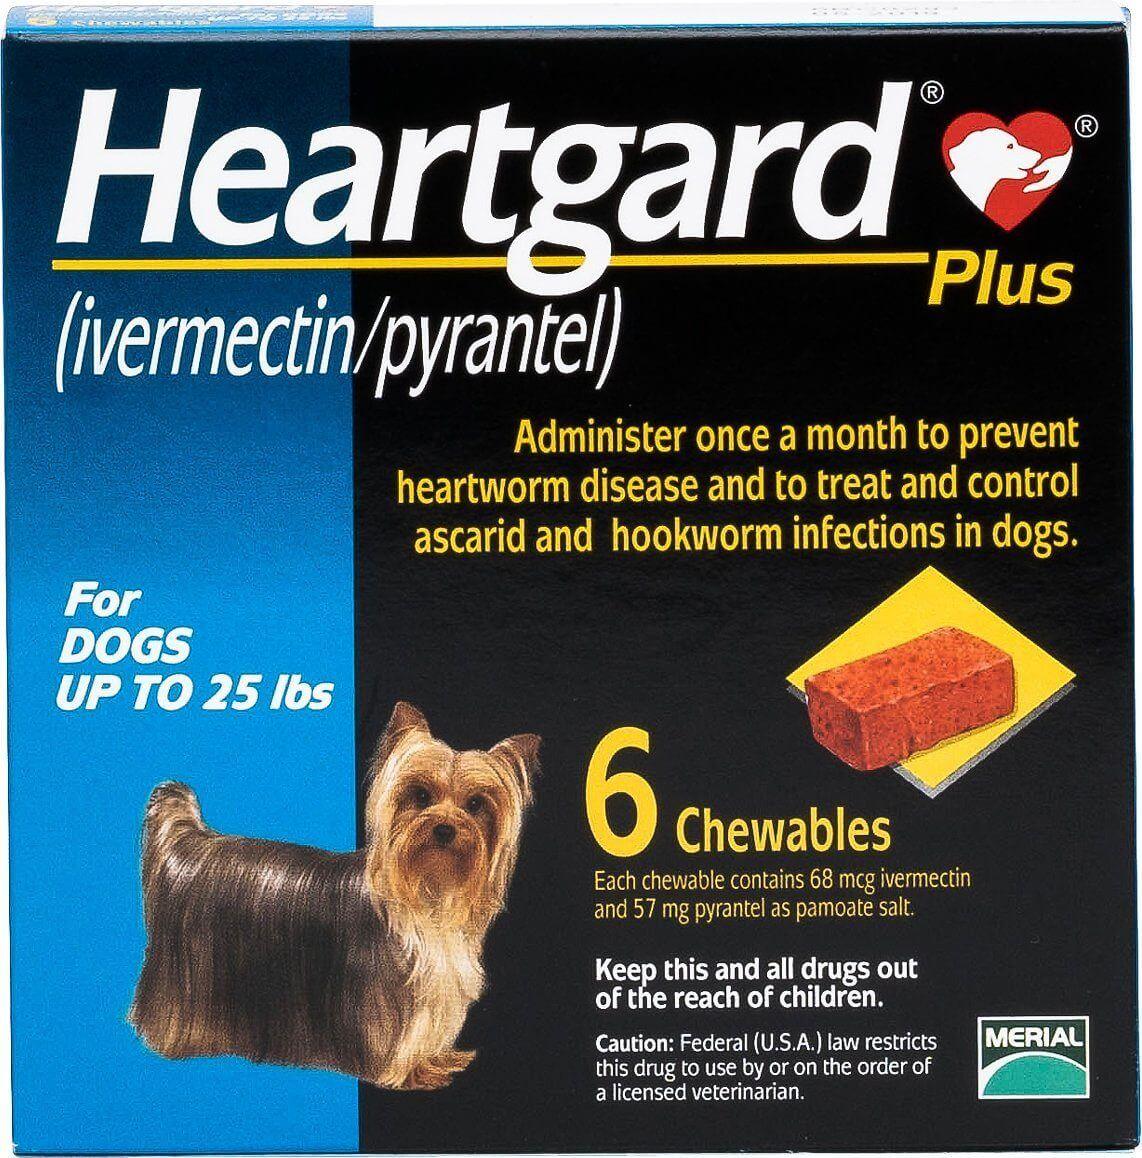 Heartgard Plus Blue Box